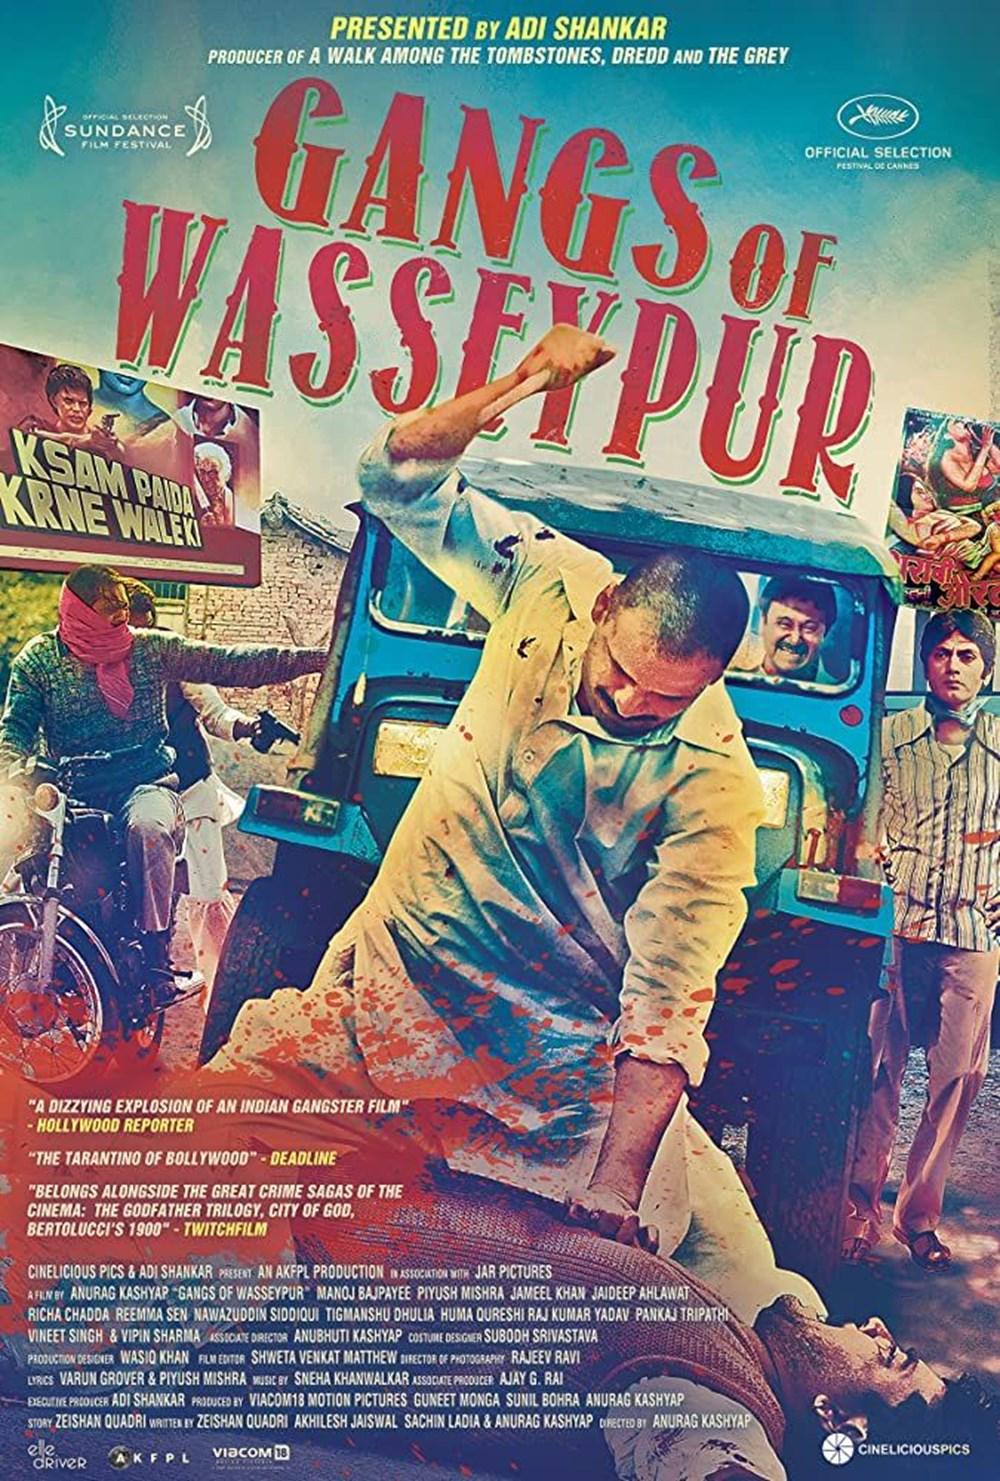 En iyi Hint filmleri - IMDb verileri (Bollywood sineması) - 2